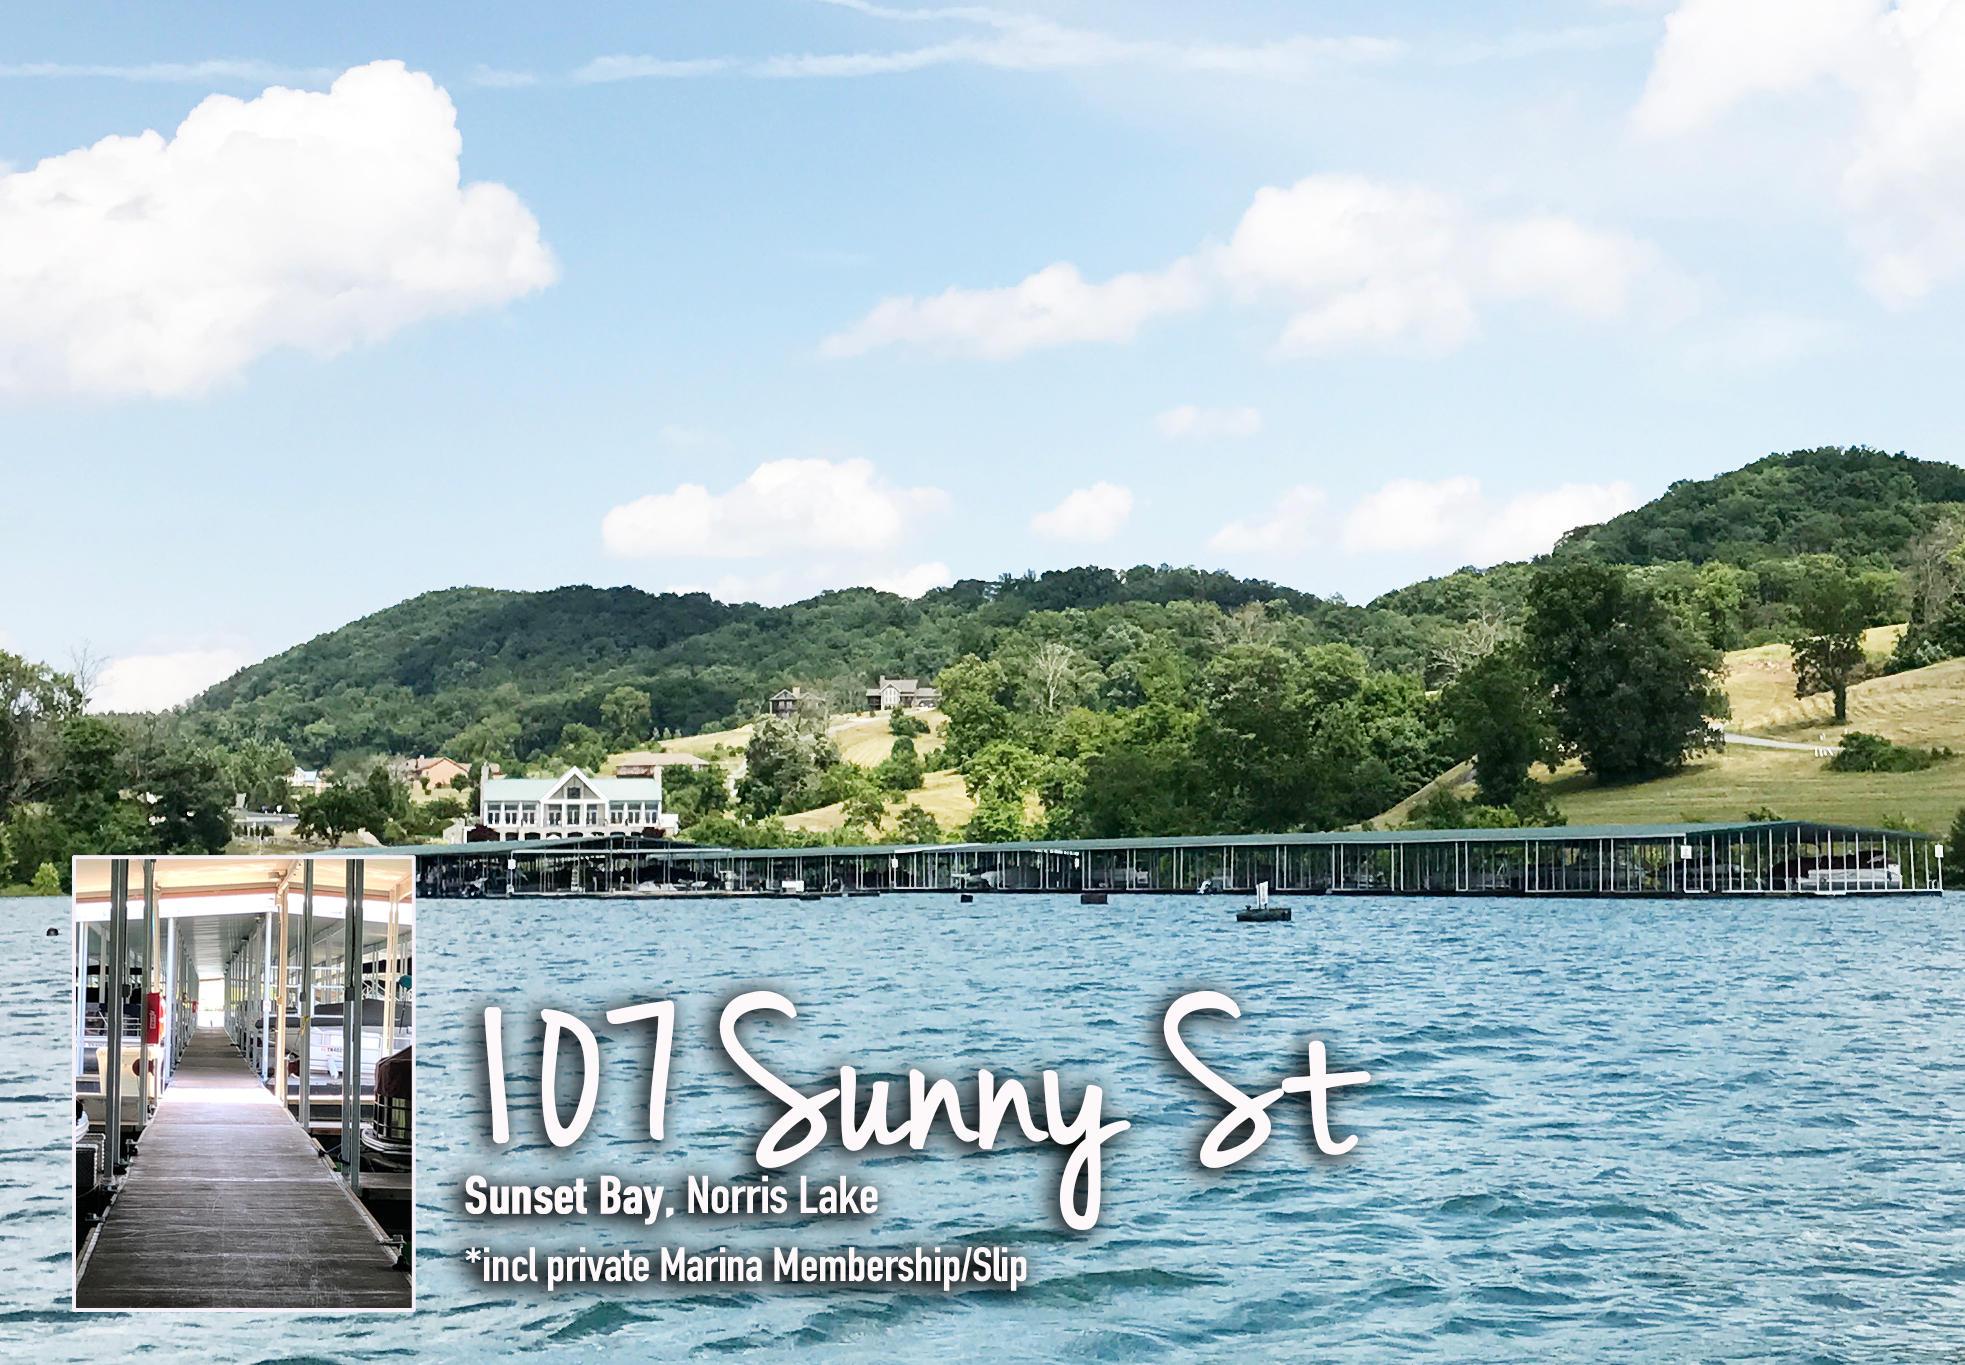 107 Sunny St: